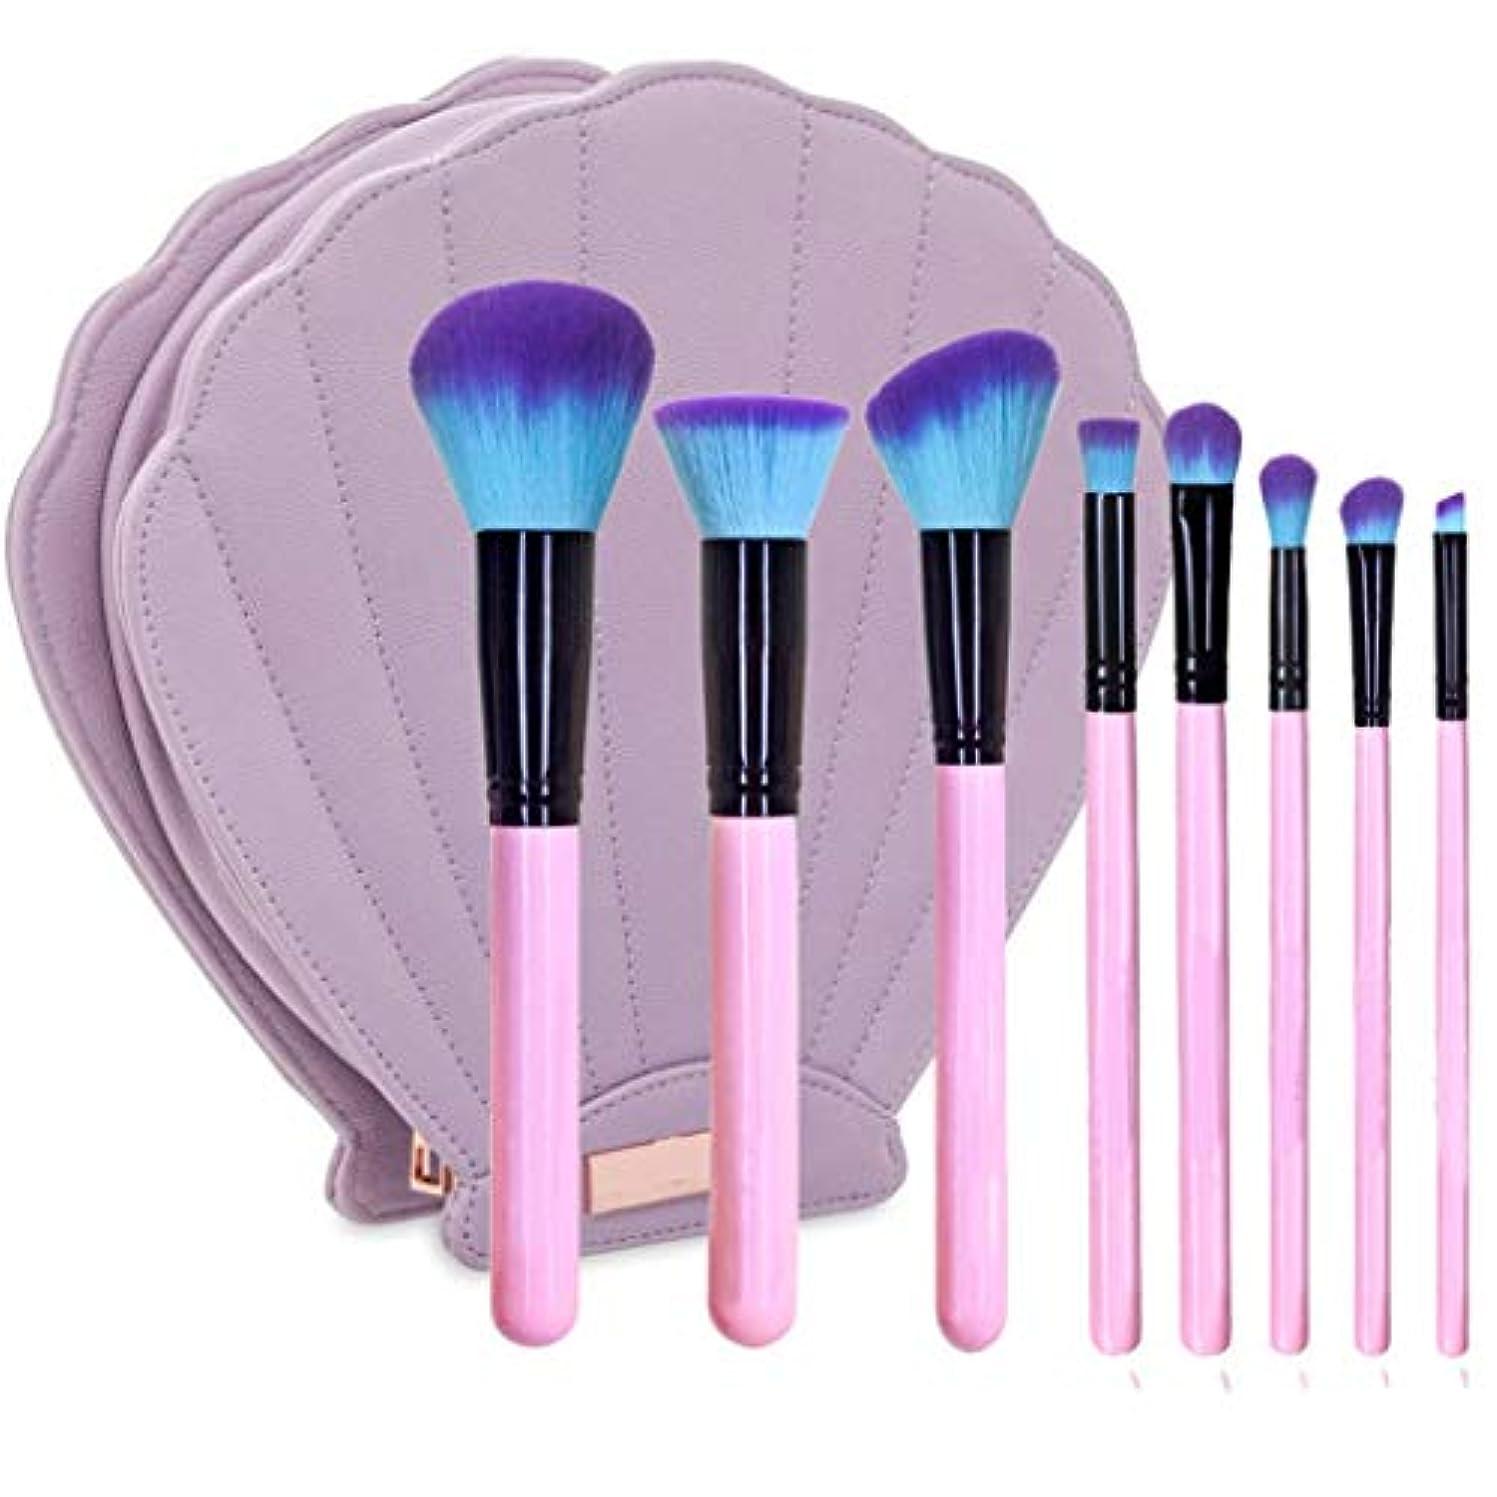 局インド八百屋さん10シェルバッグ化粧ブラシブルーパープルジッパーバッグセットフルセットの化粧道具,Pink